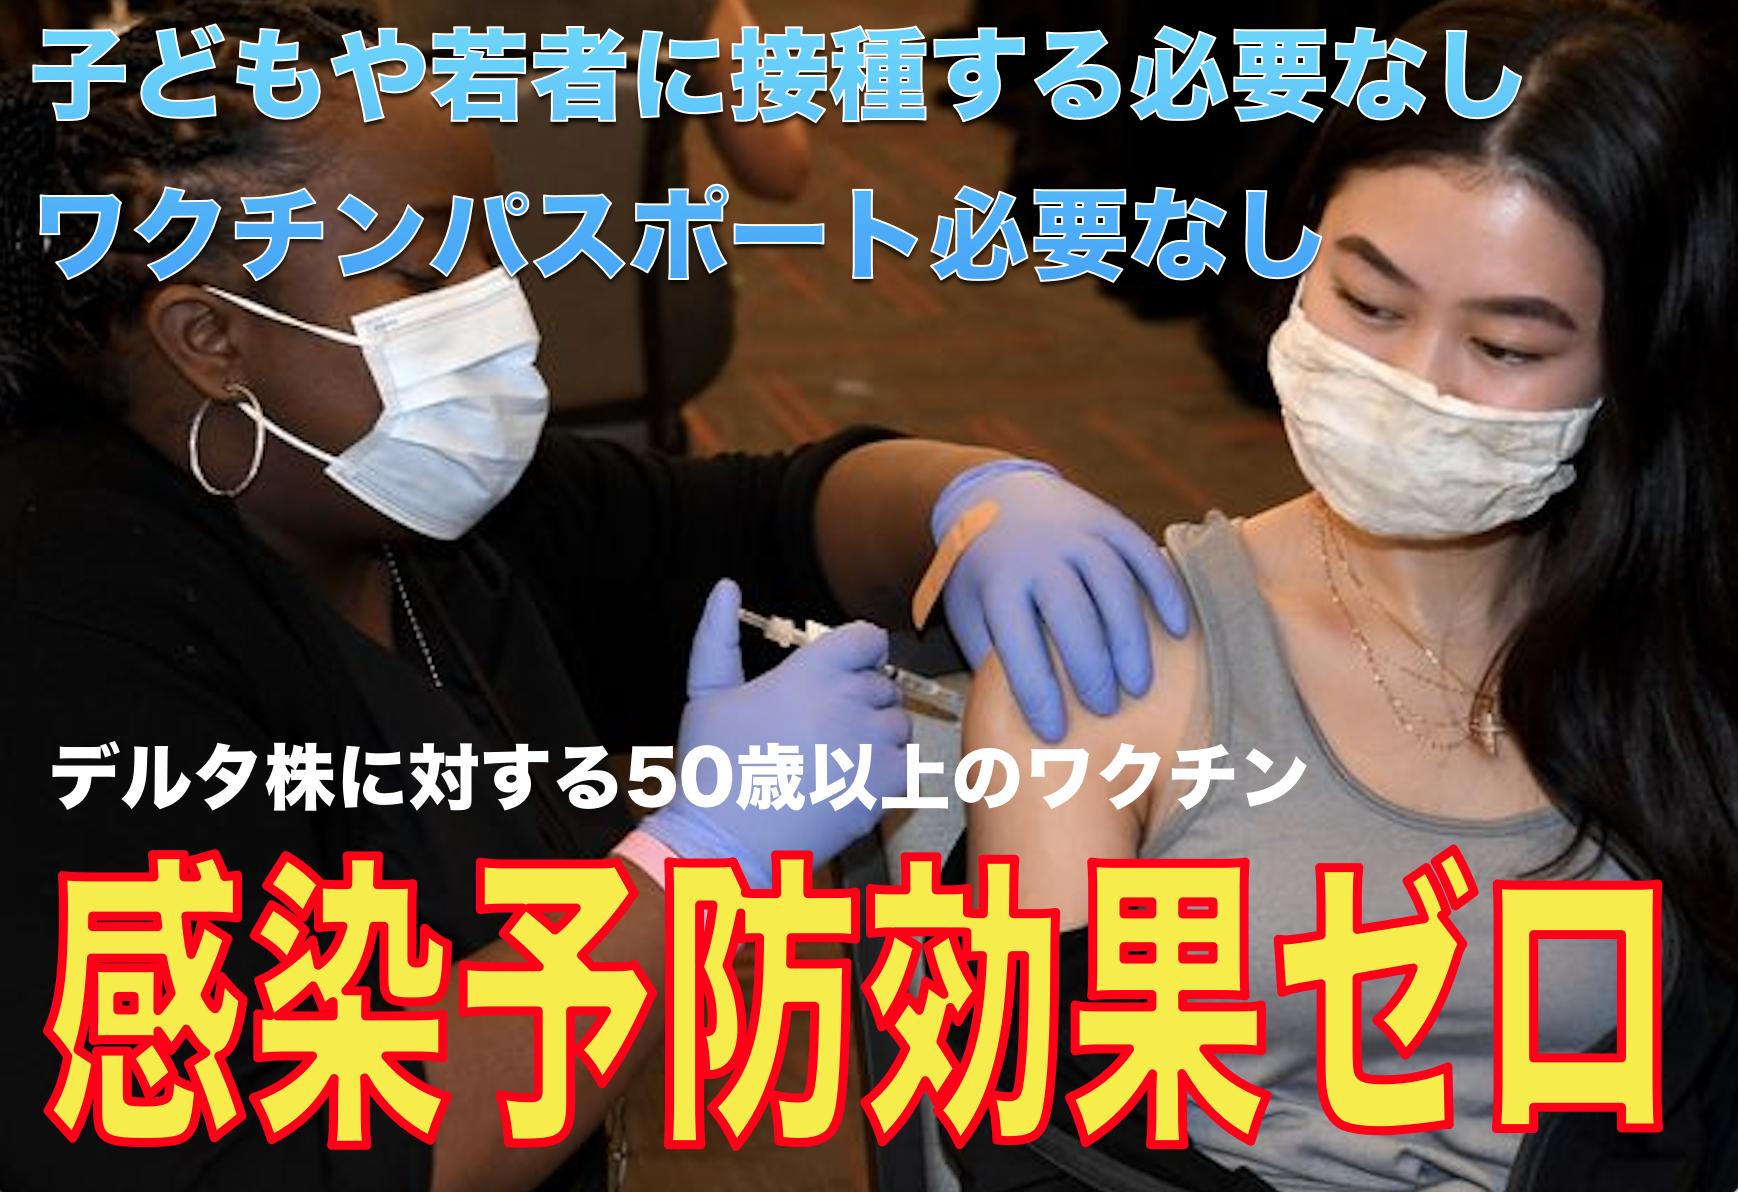 【新型コロナの真相】デルタ株に対するワクチン予防効果はゼロ